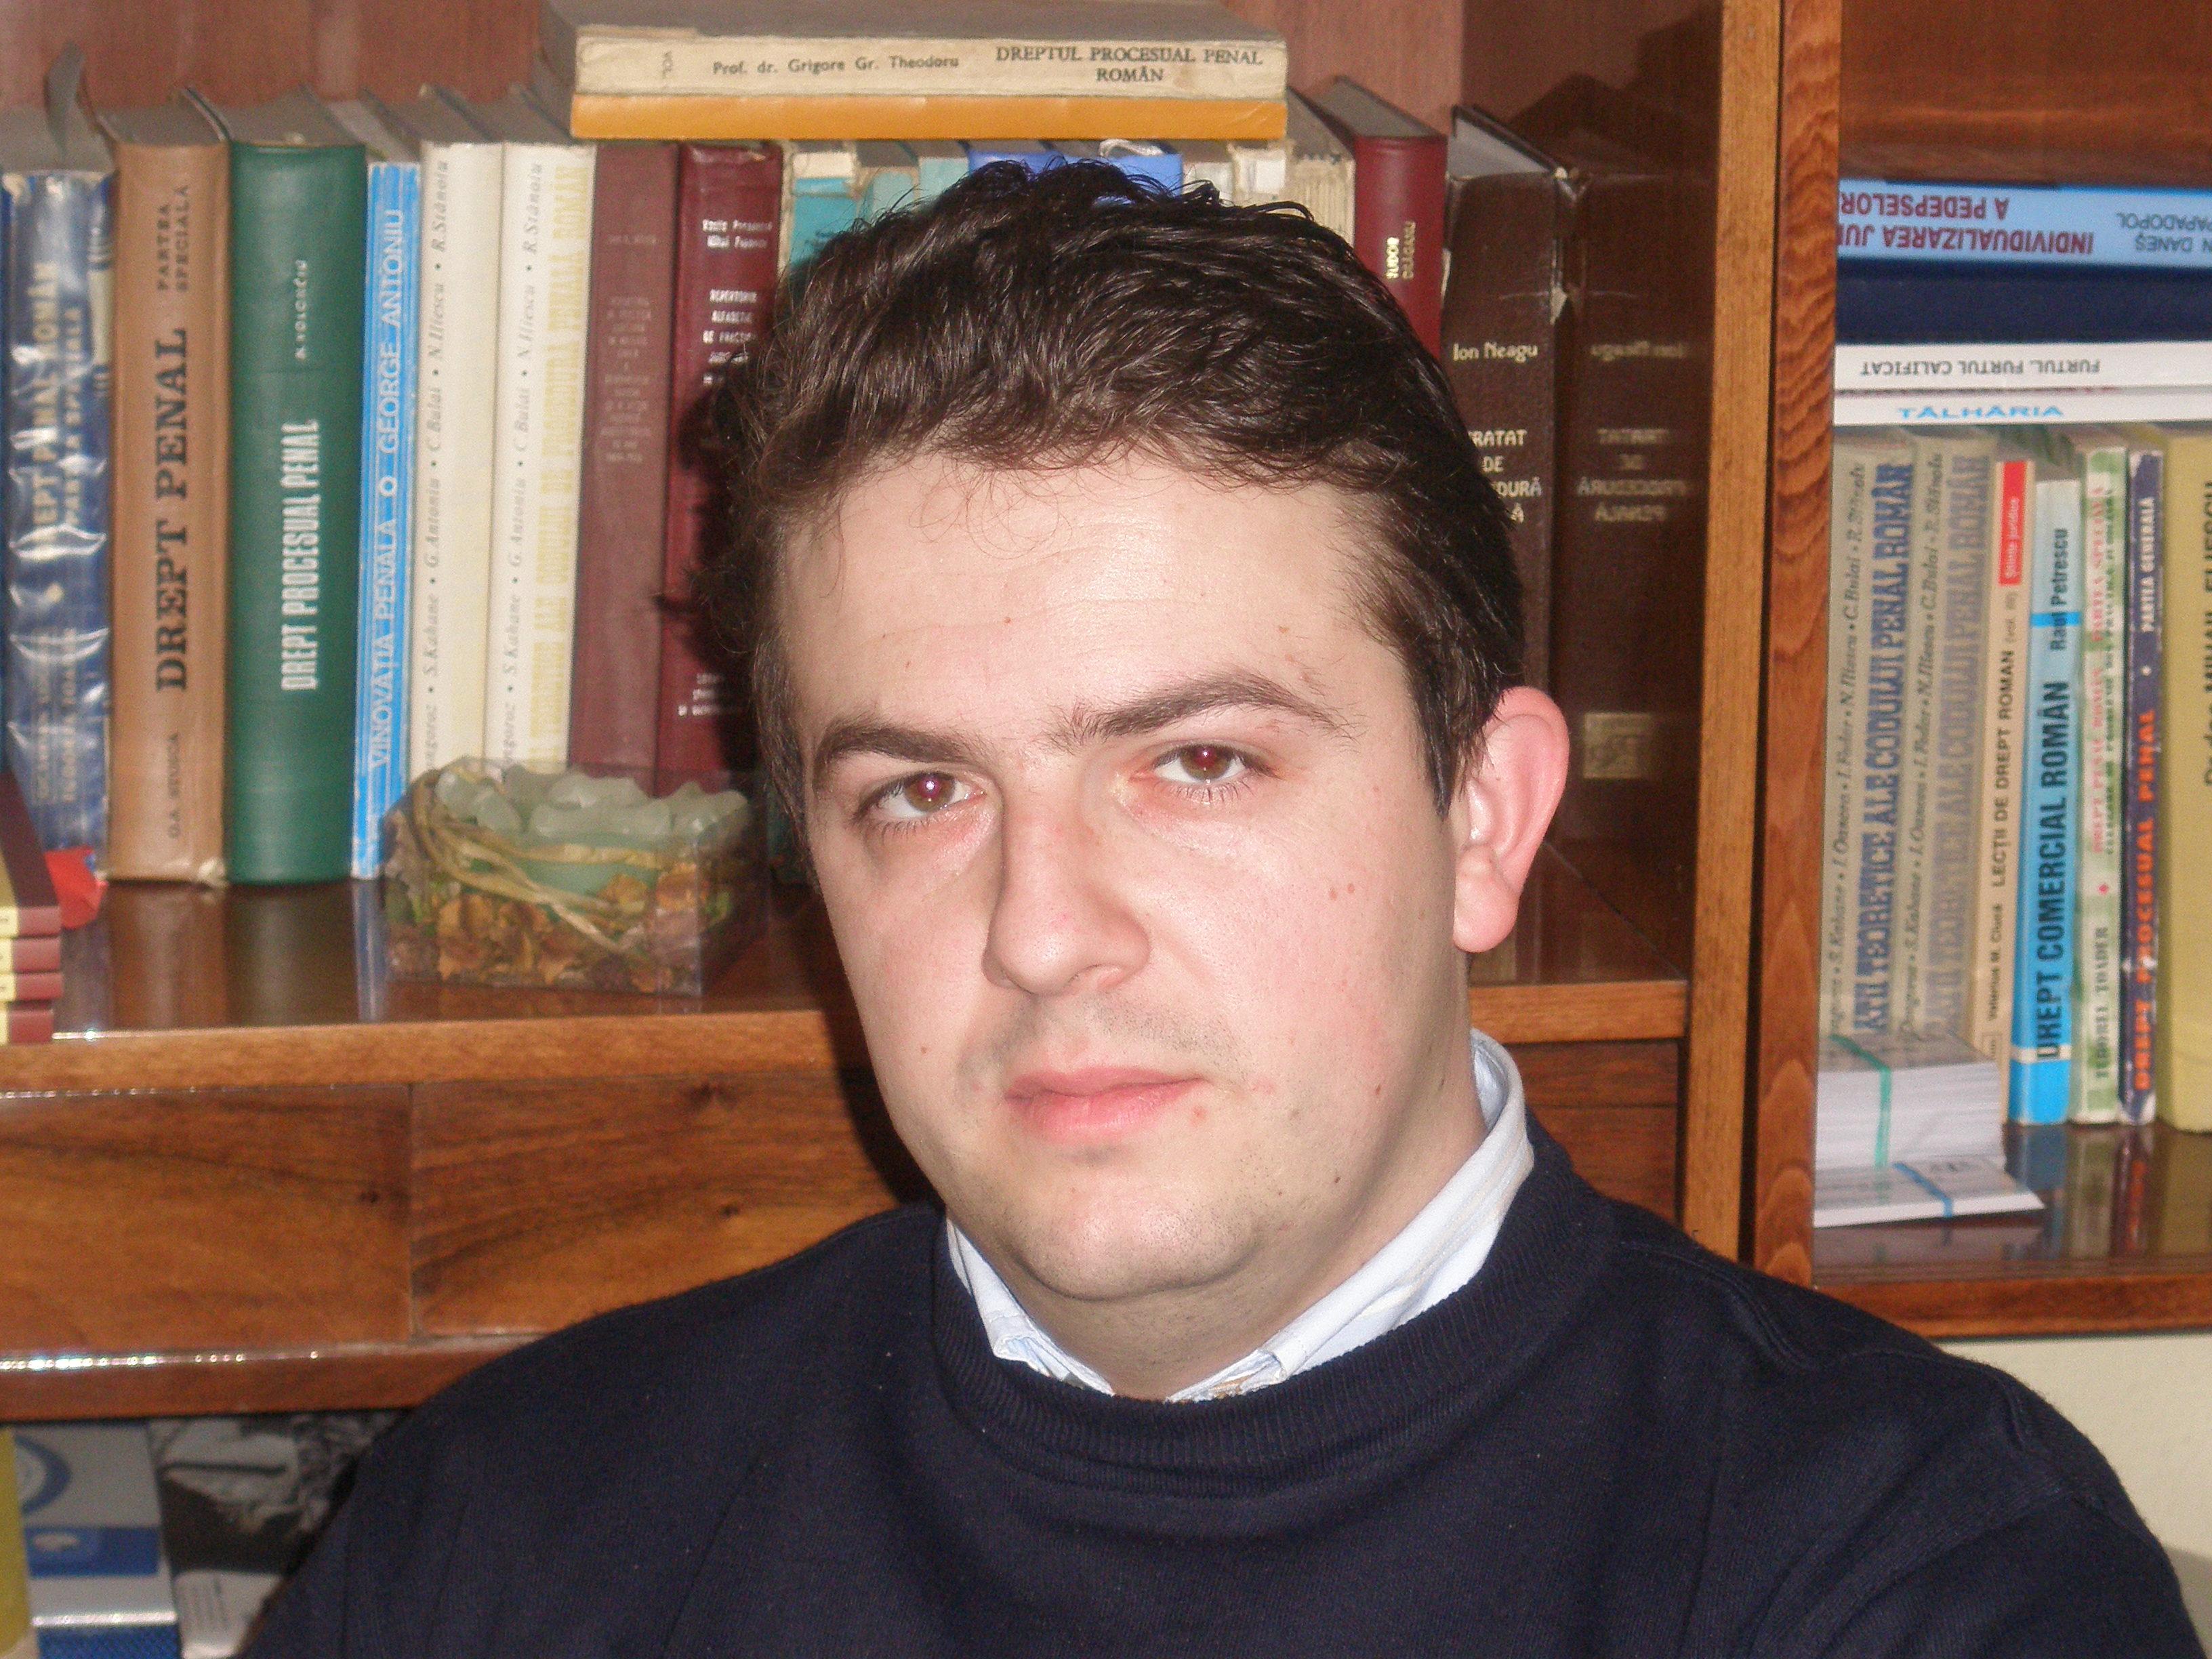 Publica cartea ta la Editura Stiintifica Lumen razvan viorescu